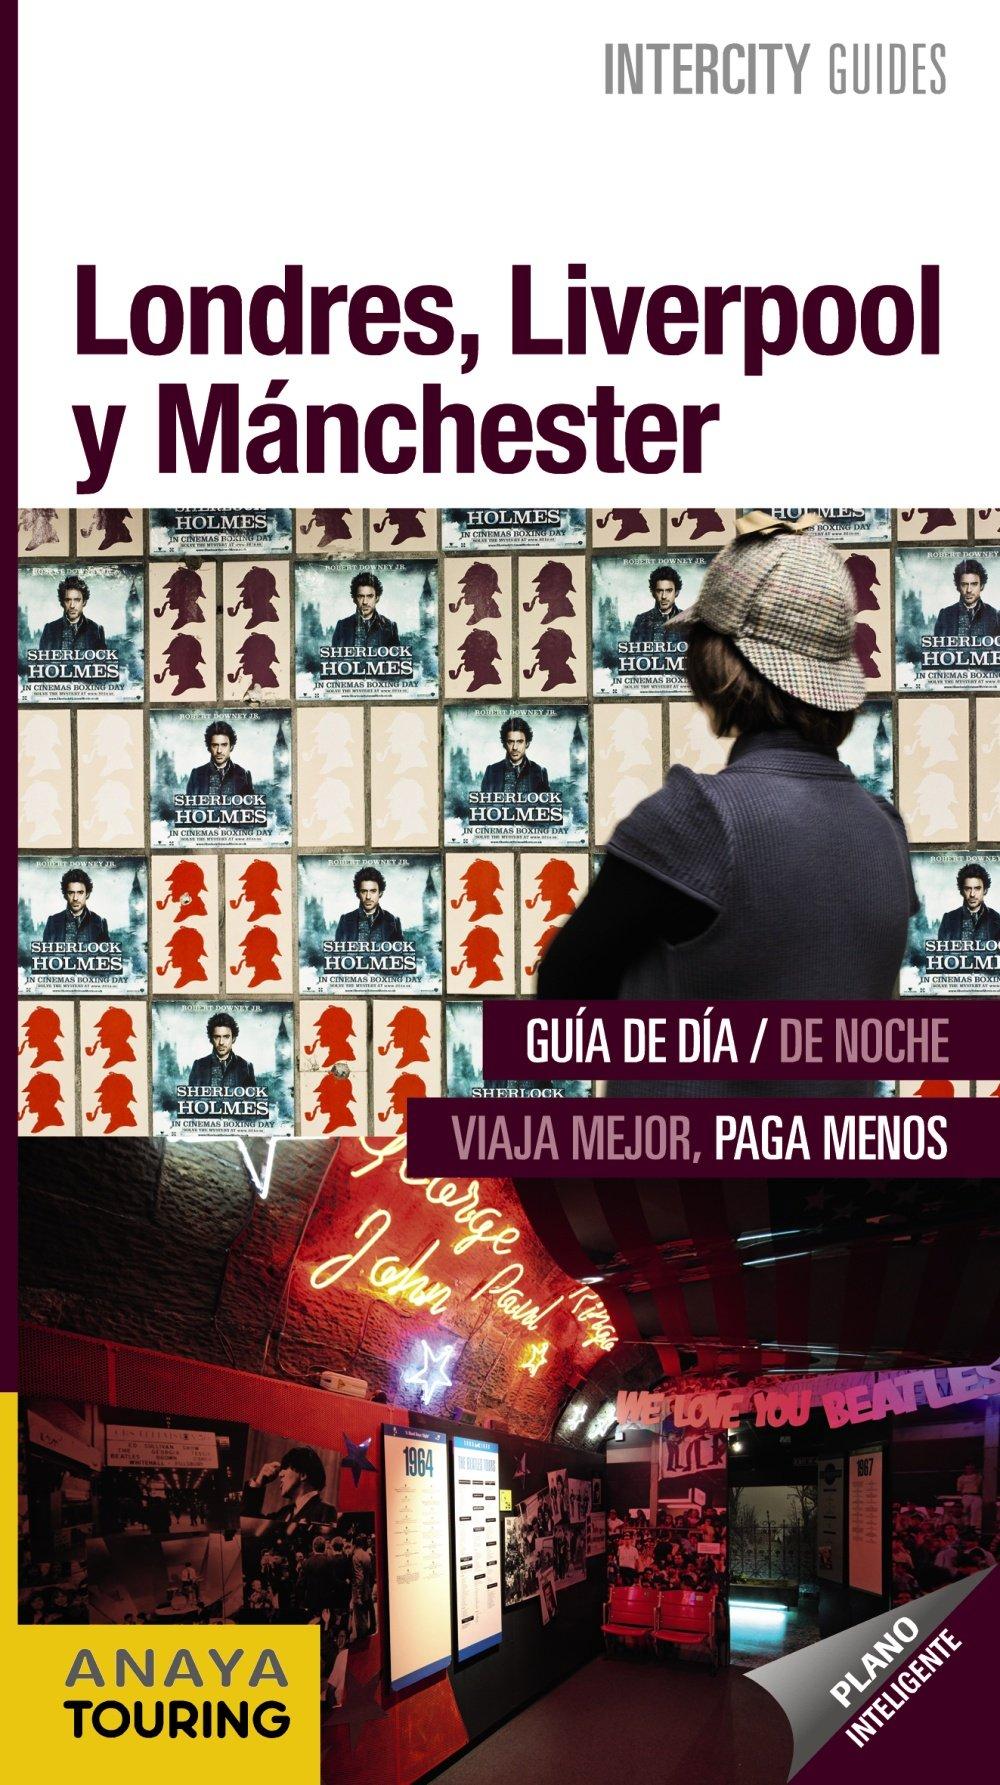 Londres, Liverpool y Manchester Intercity Guides - Internacional: Amazon.es: Anaya Touring, Elisa Blanco Barba: Libros